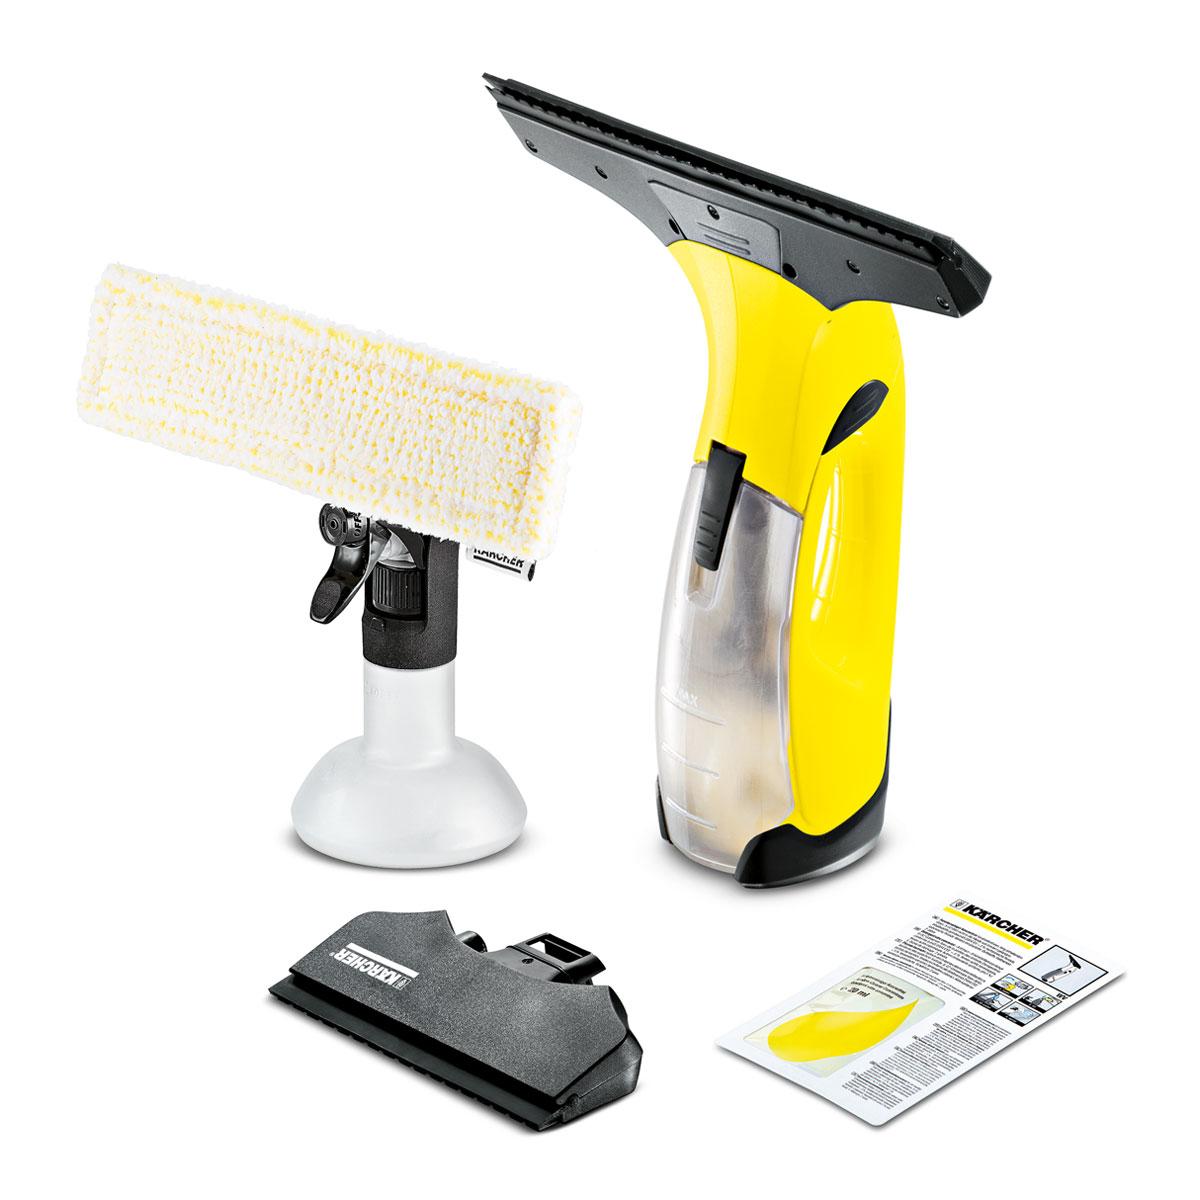 Fensterreiniger WV 5 Premium Non-Stop Cleaning Kit Fenstersauger WV 5 Plus vhbw Ladeger/ät passend f/ür K/ärcher WV 2 Premium Plus WV 5 Premium